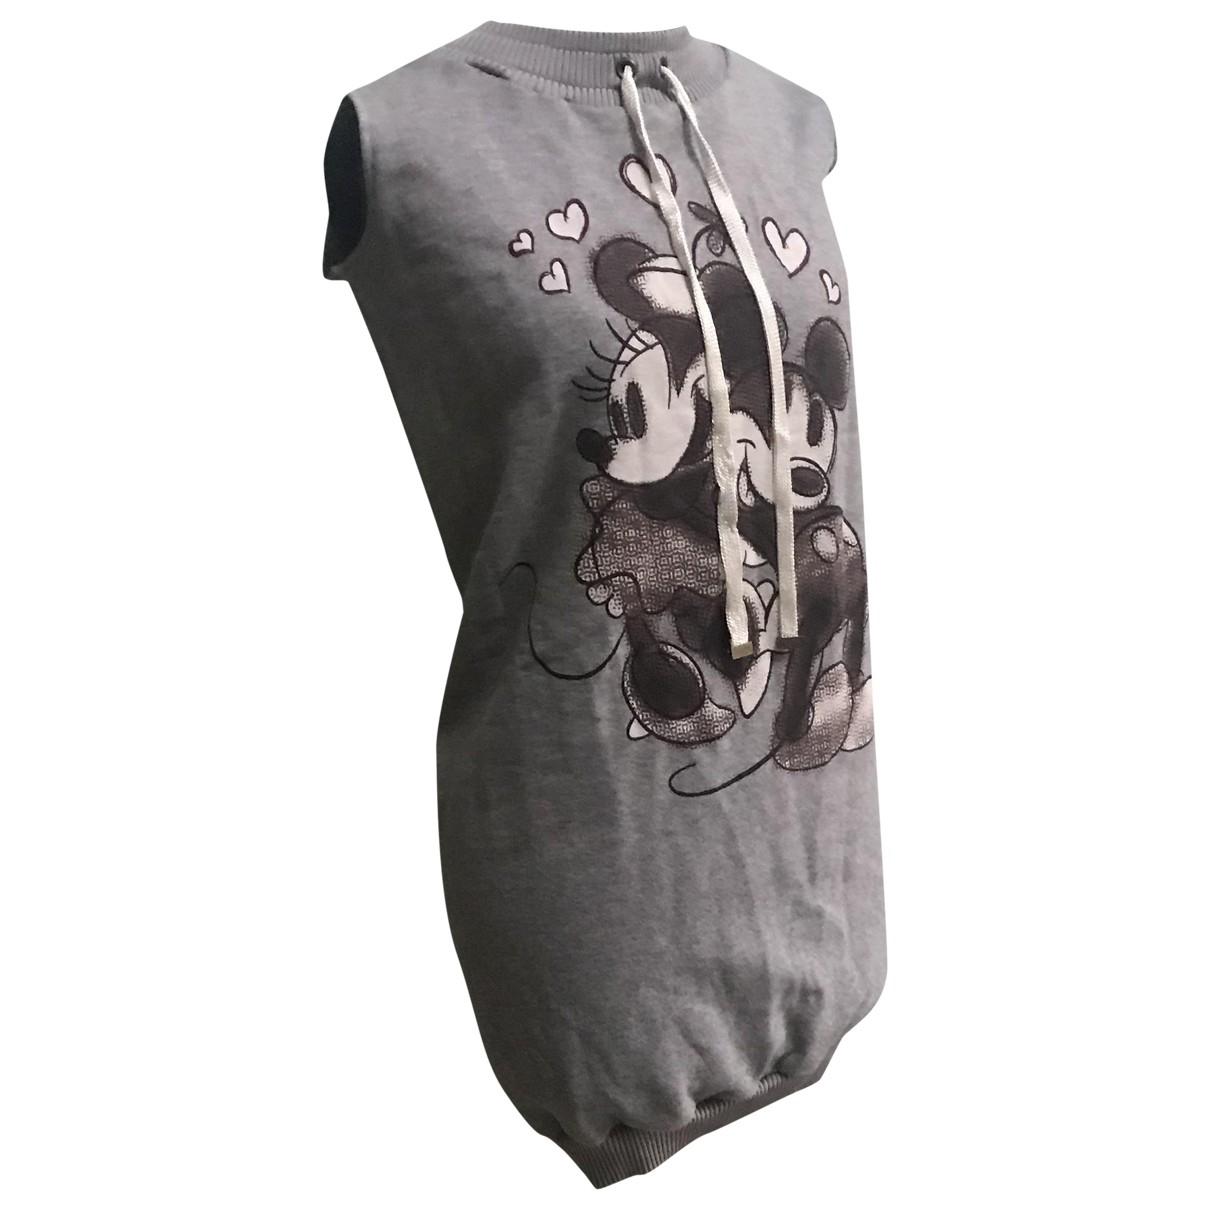 D&g \N Kleid in  Grau Baumwolle